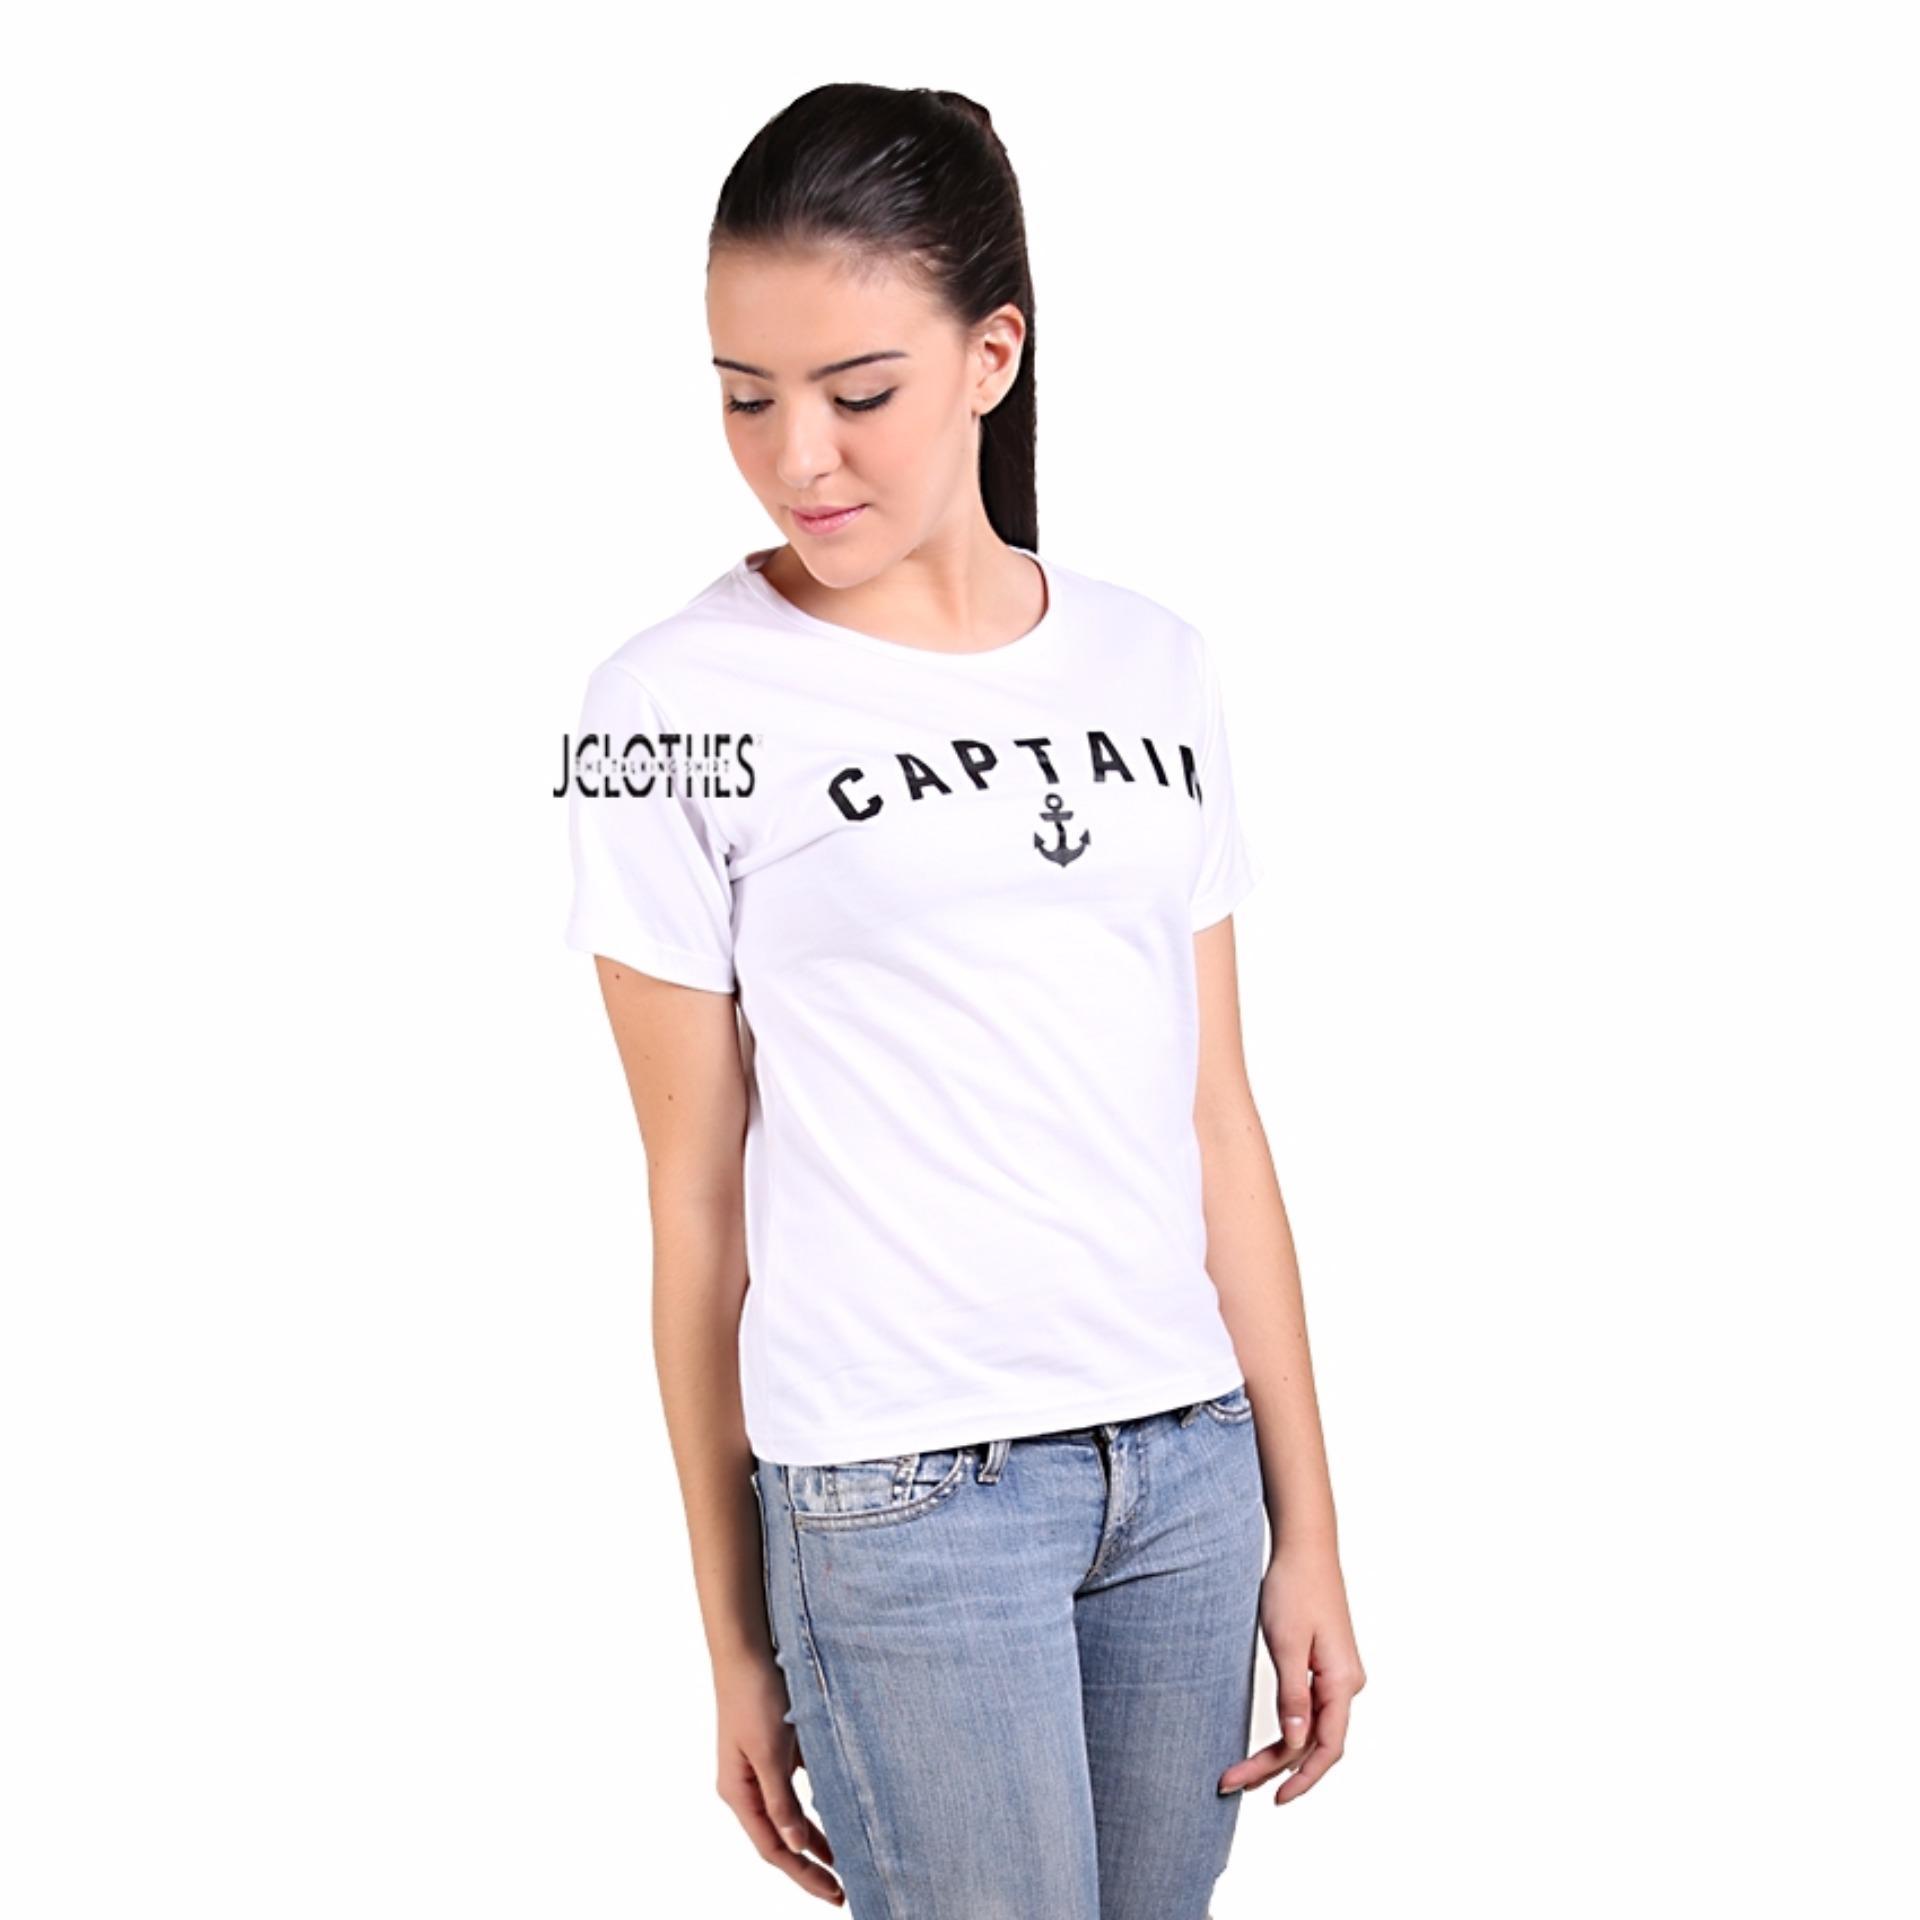 JCLOTHES Kaos Cewe / Tumblr Tee / Kaos Wanita Captain - Putih ...